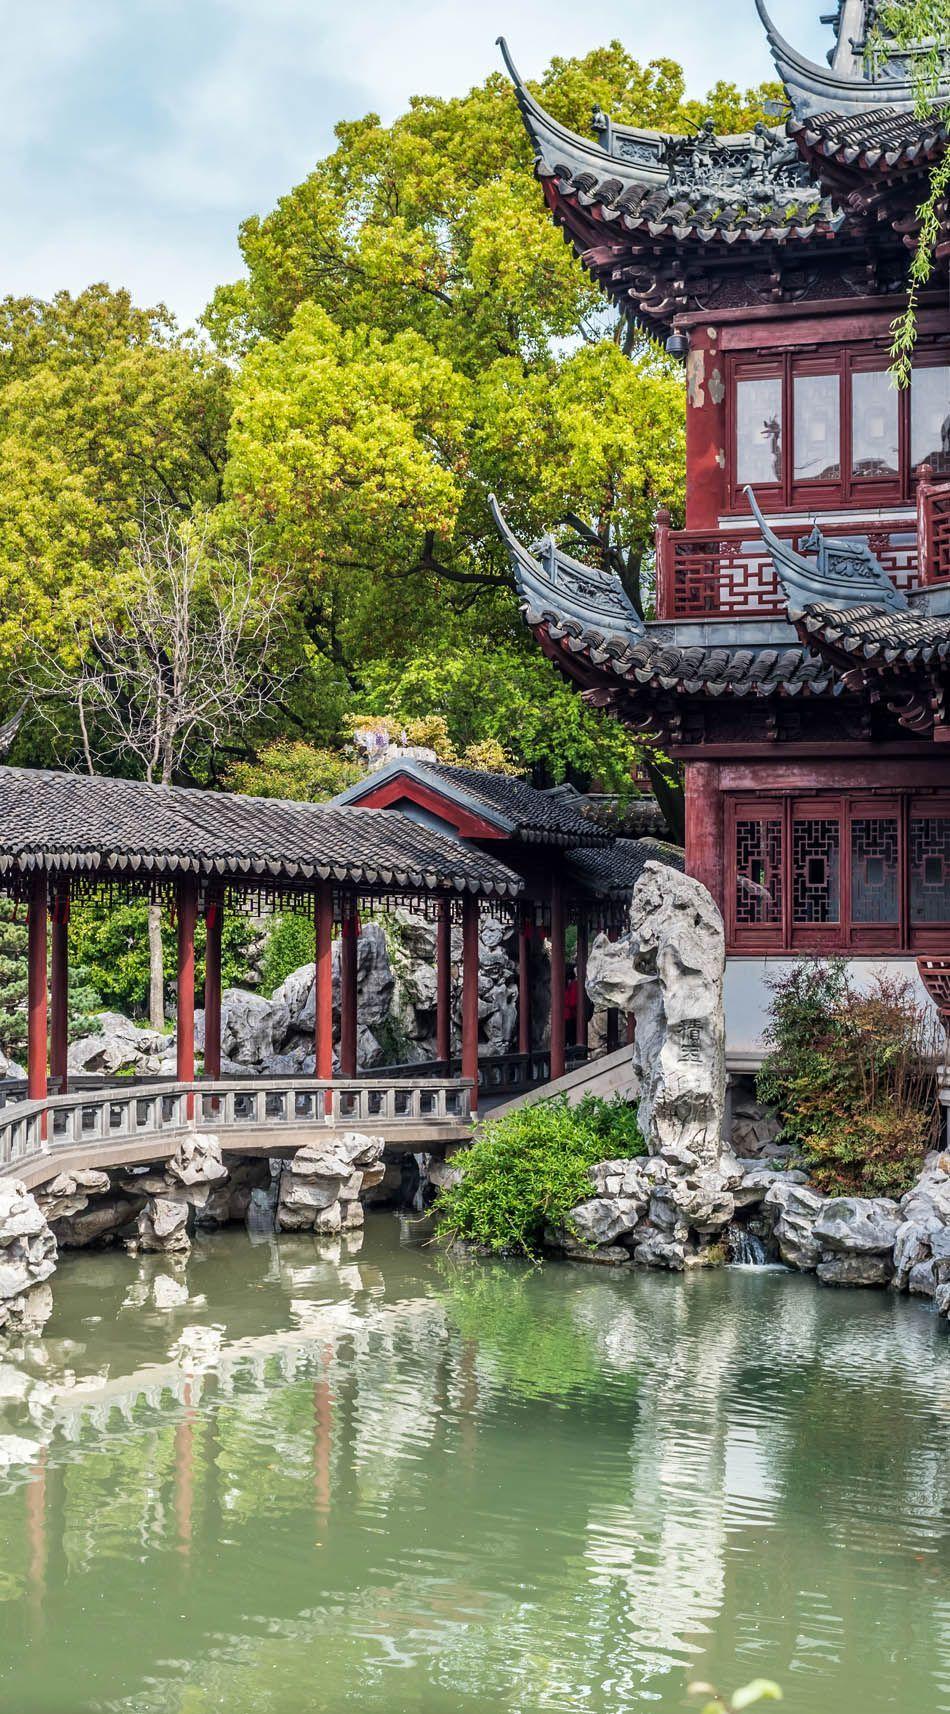 Park Art|My WordPress Blog_Shanghai Garden Menu Buffet Price